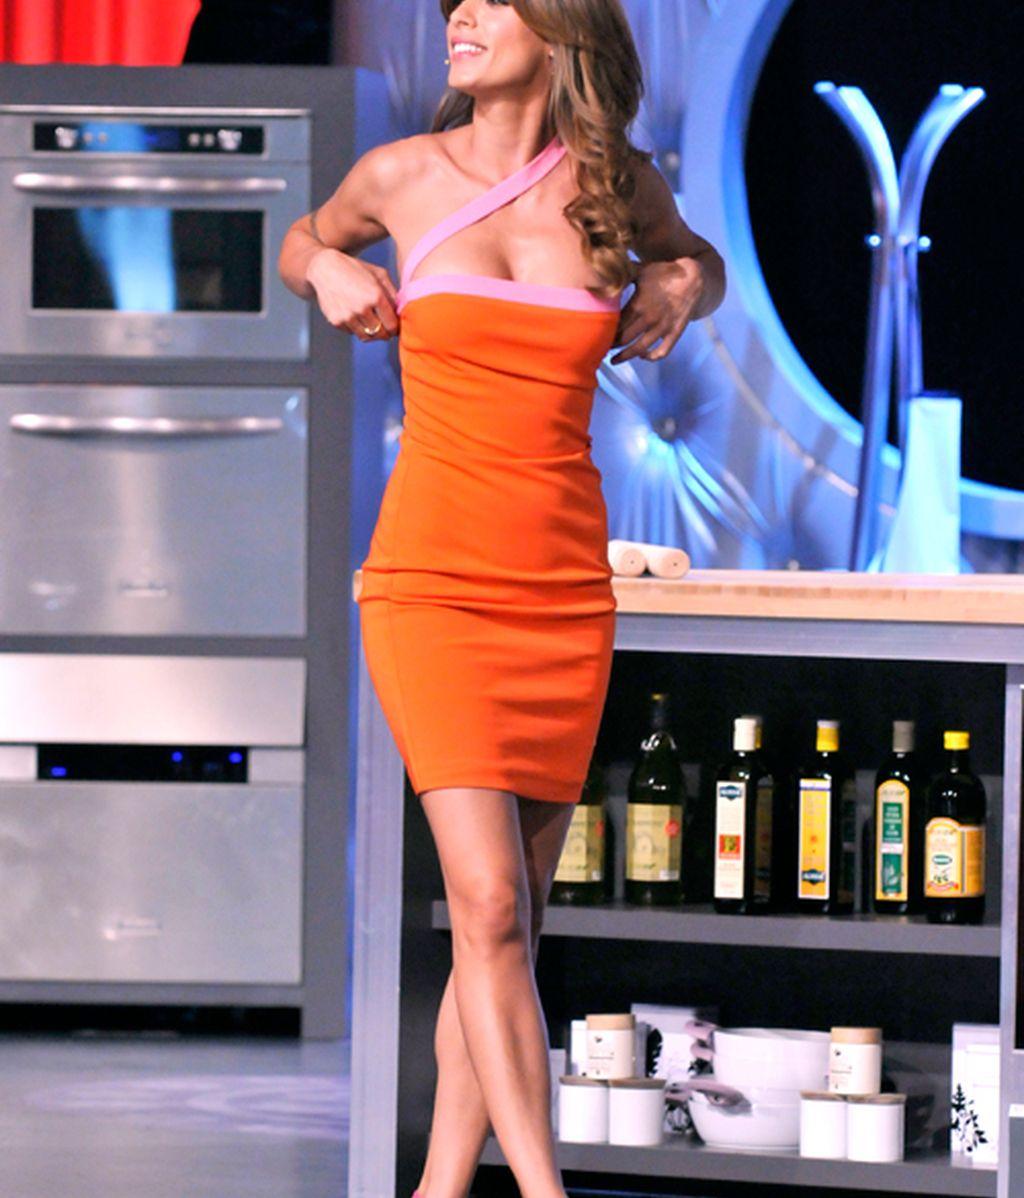 Descubrimos por qué Elisabetta Canalis conquistó a Clooney